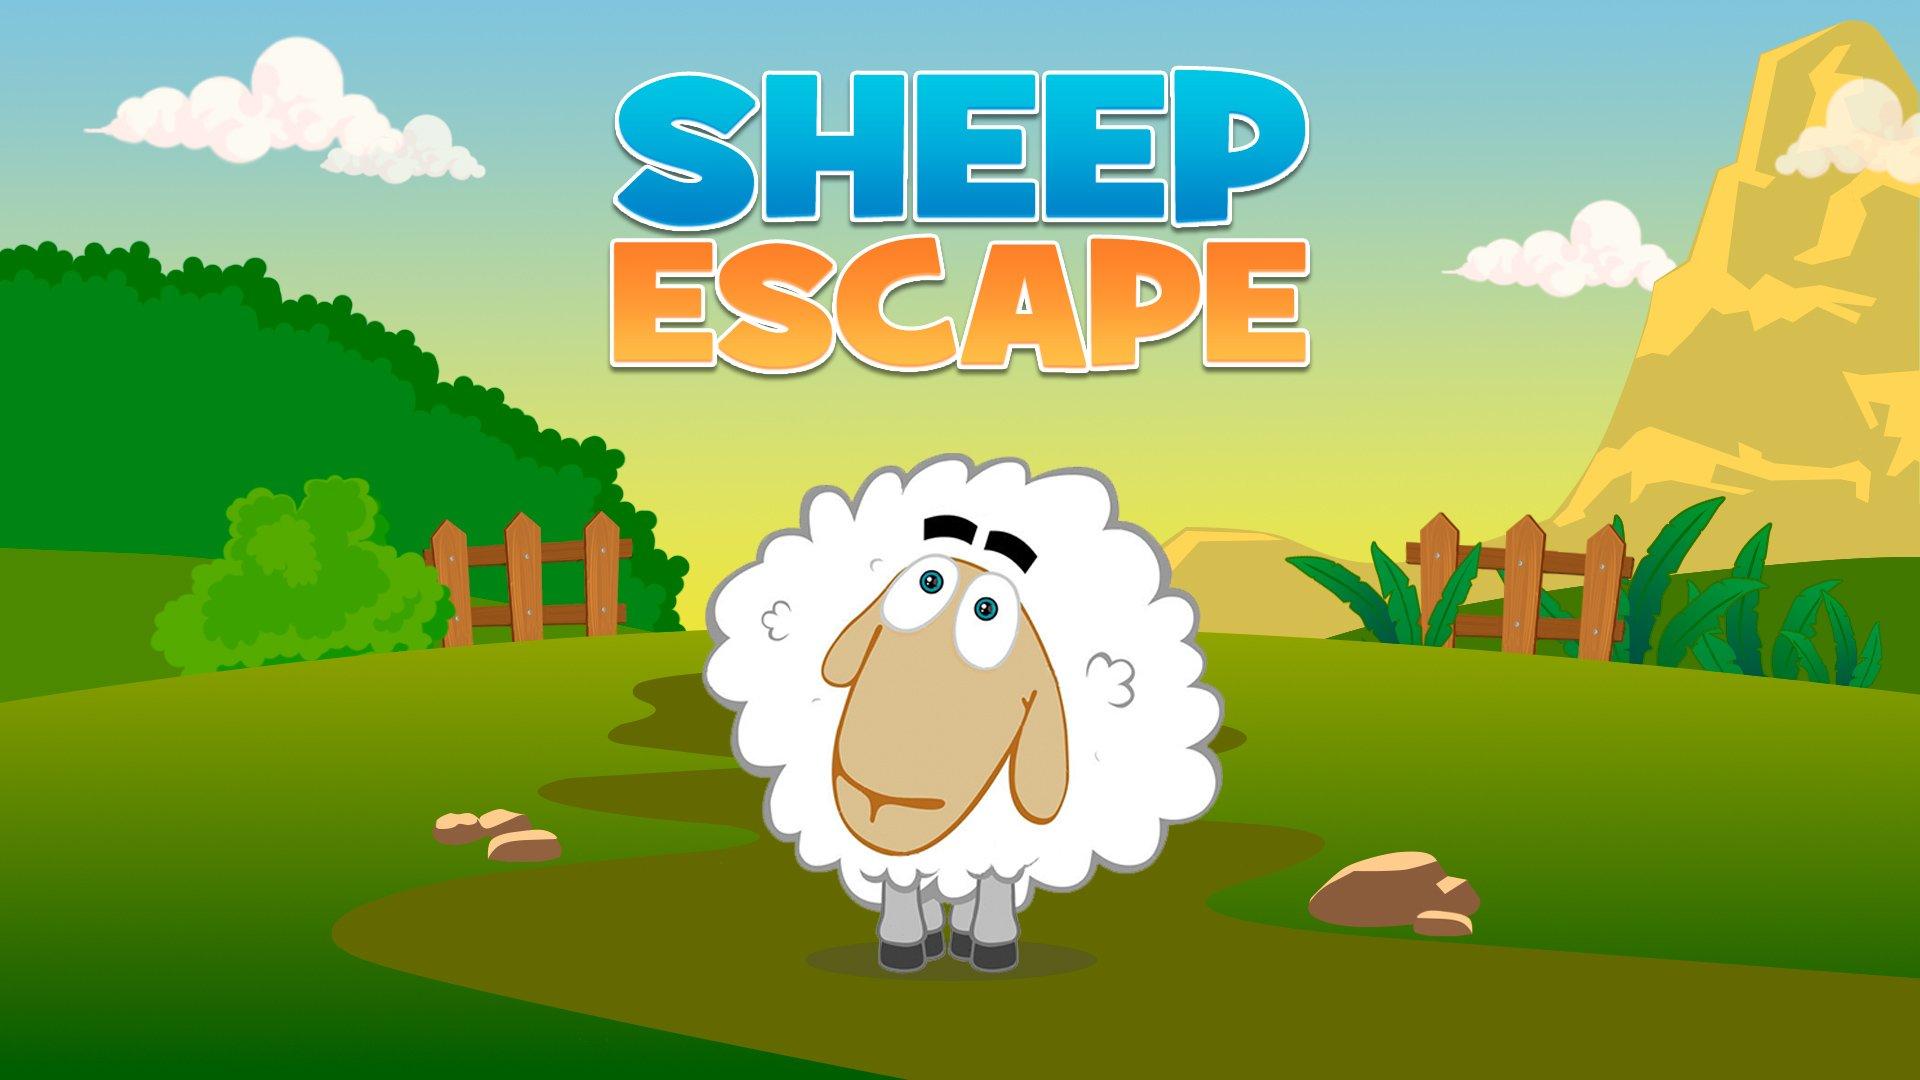 Sheep Escape - пазл-платформер с забавным персонажем. - Изображение 1